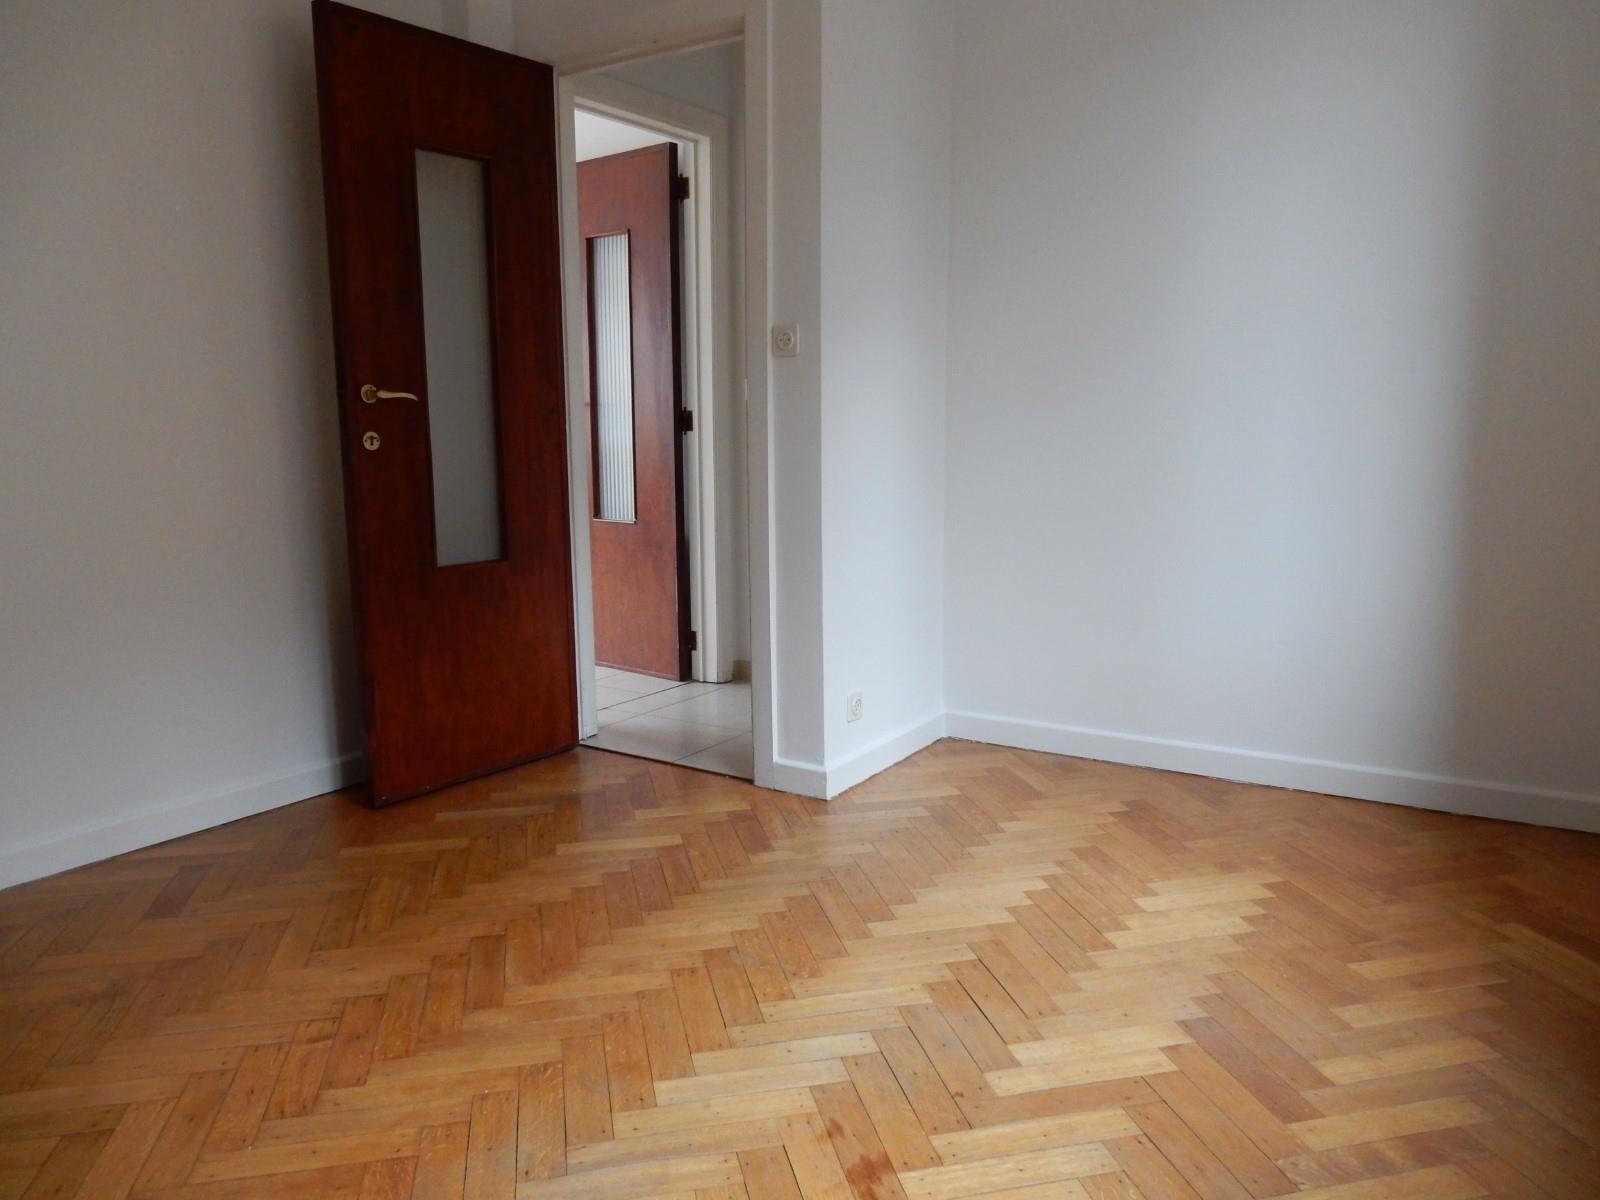 Appartement - Ixelles - #3639360-6